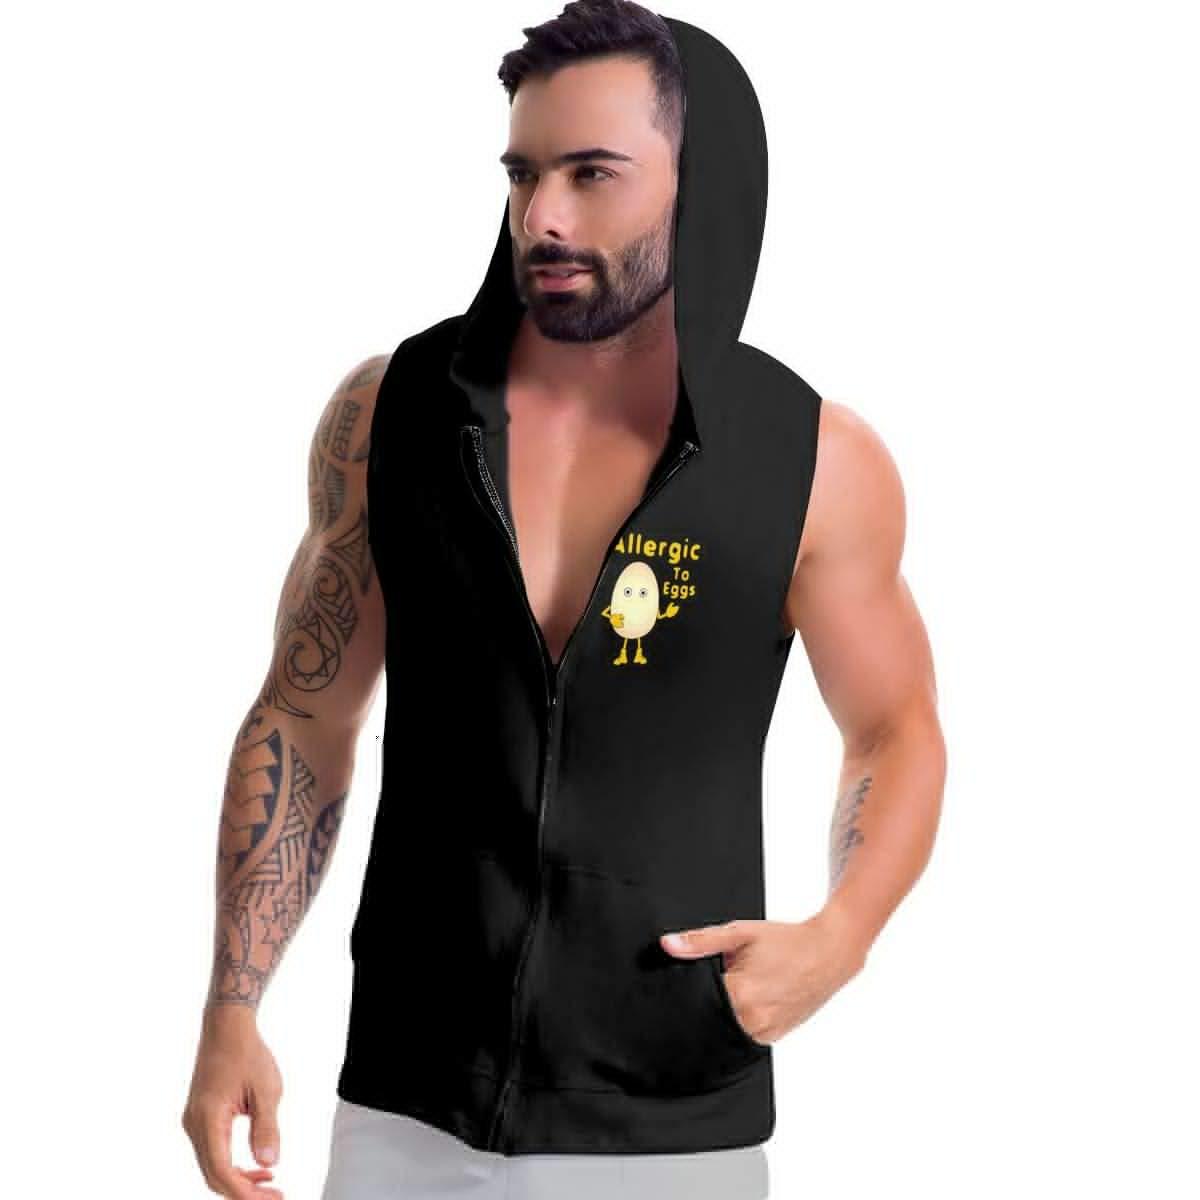 Allergic to Eggs Zip Up Vest BMWEITIHBQ Mens Sleeveless Sweatshirt